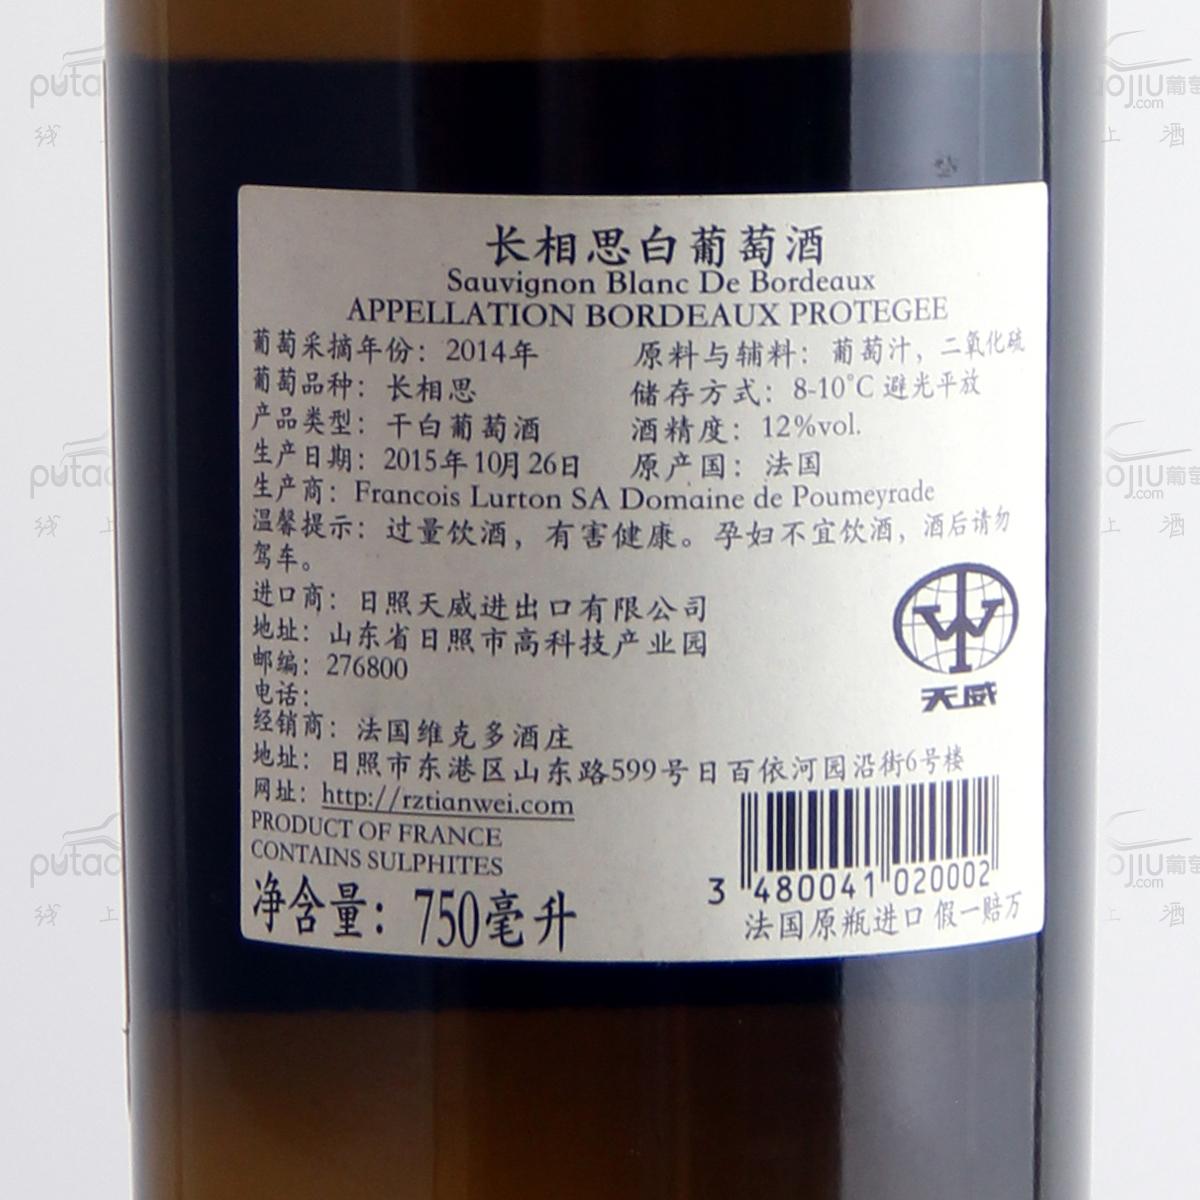 法国波尔多Francois Lurrton SA Domaine de酒庄长相思AOP级别干白葡萄酒